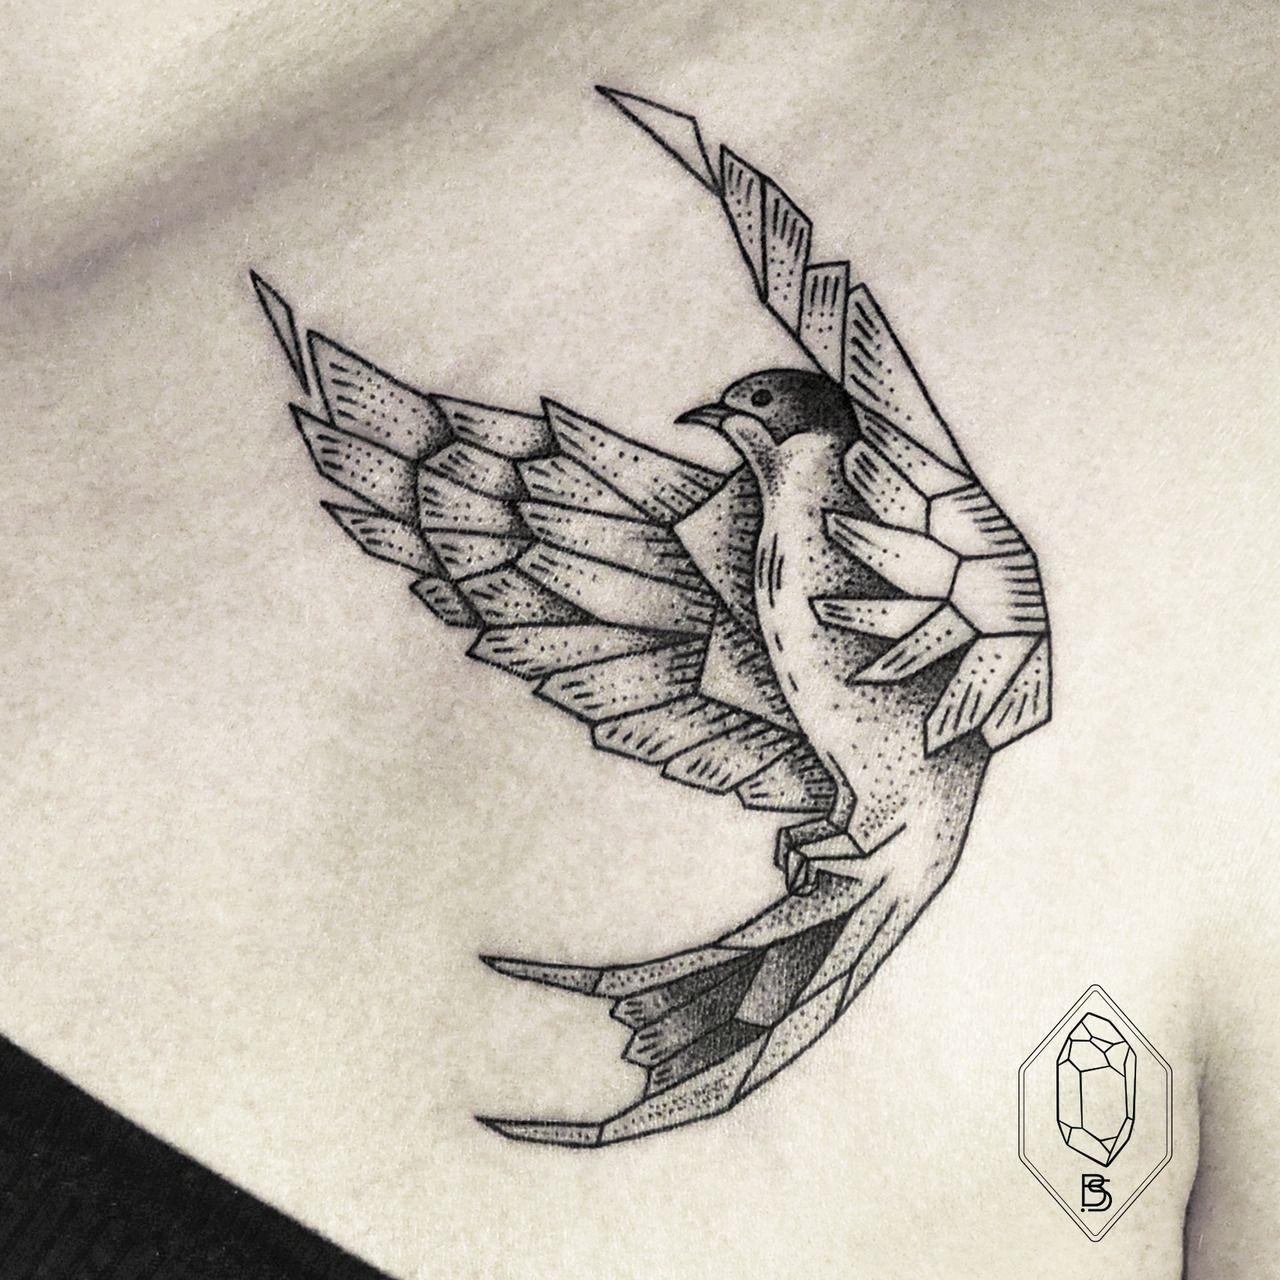 tatouage d 39 hirondelle graphique g om trique toujours en vol juste magnifique tatouage. Black Bedroom Furniture Sets. Home Design Ideas